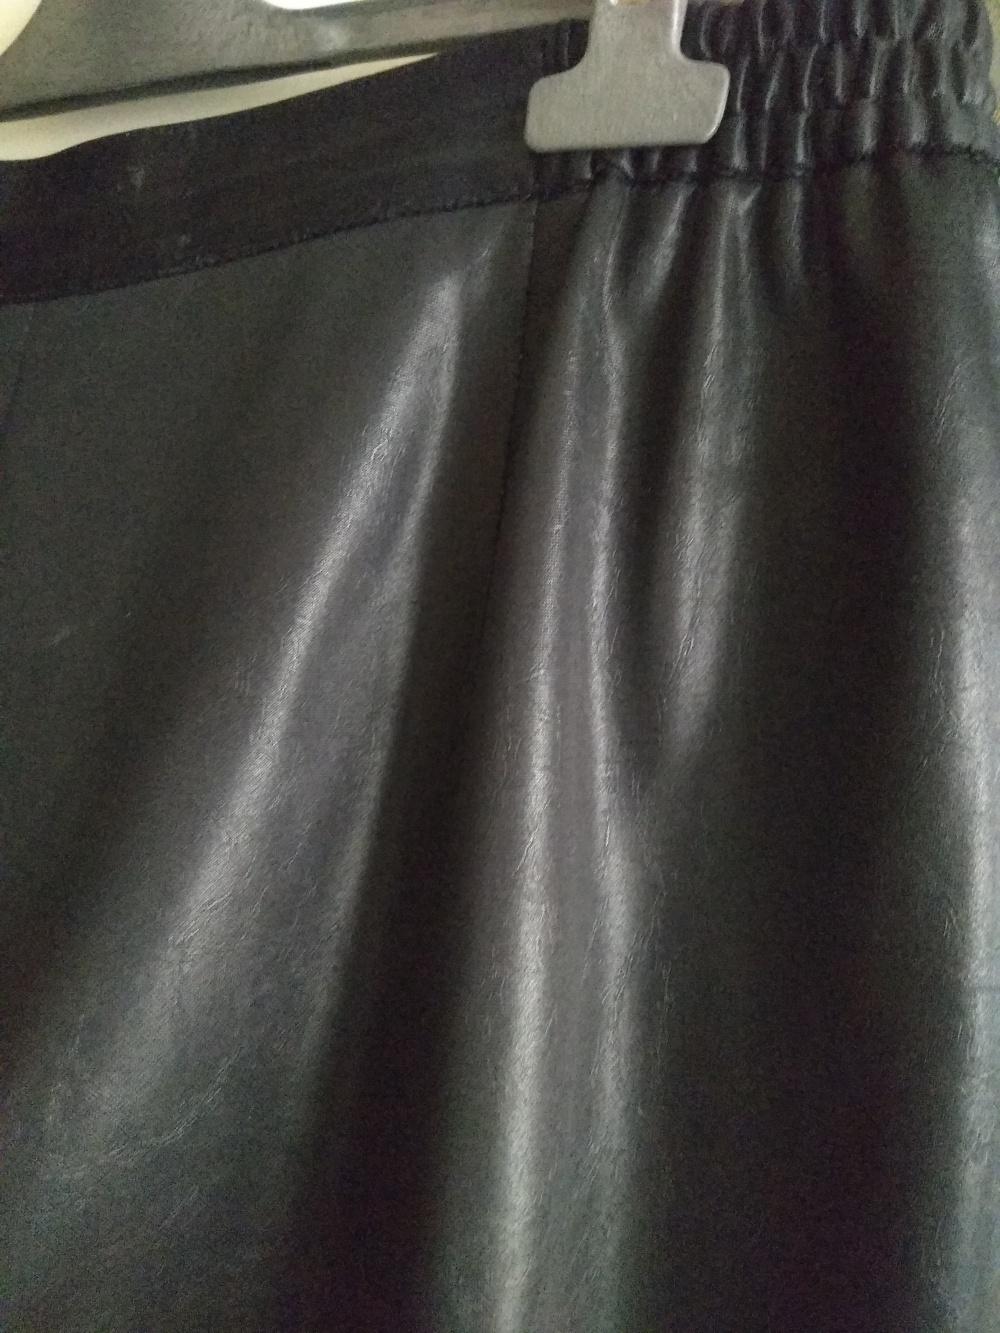 Юбка  Perfect,  8 клиньев, размер 54-56 (рос)